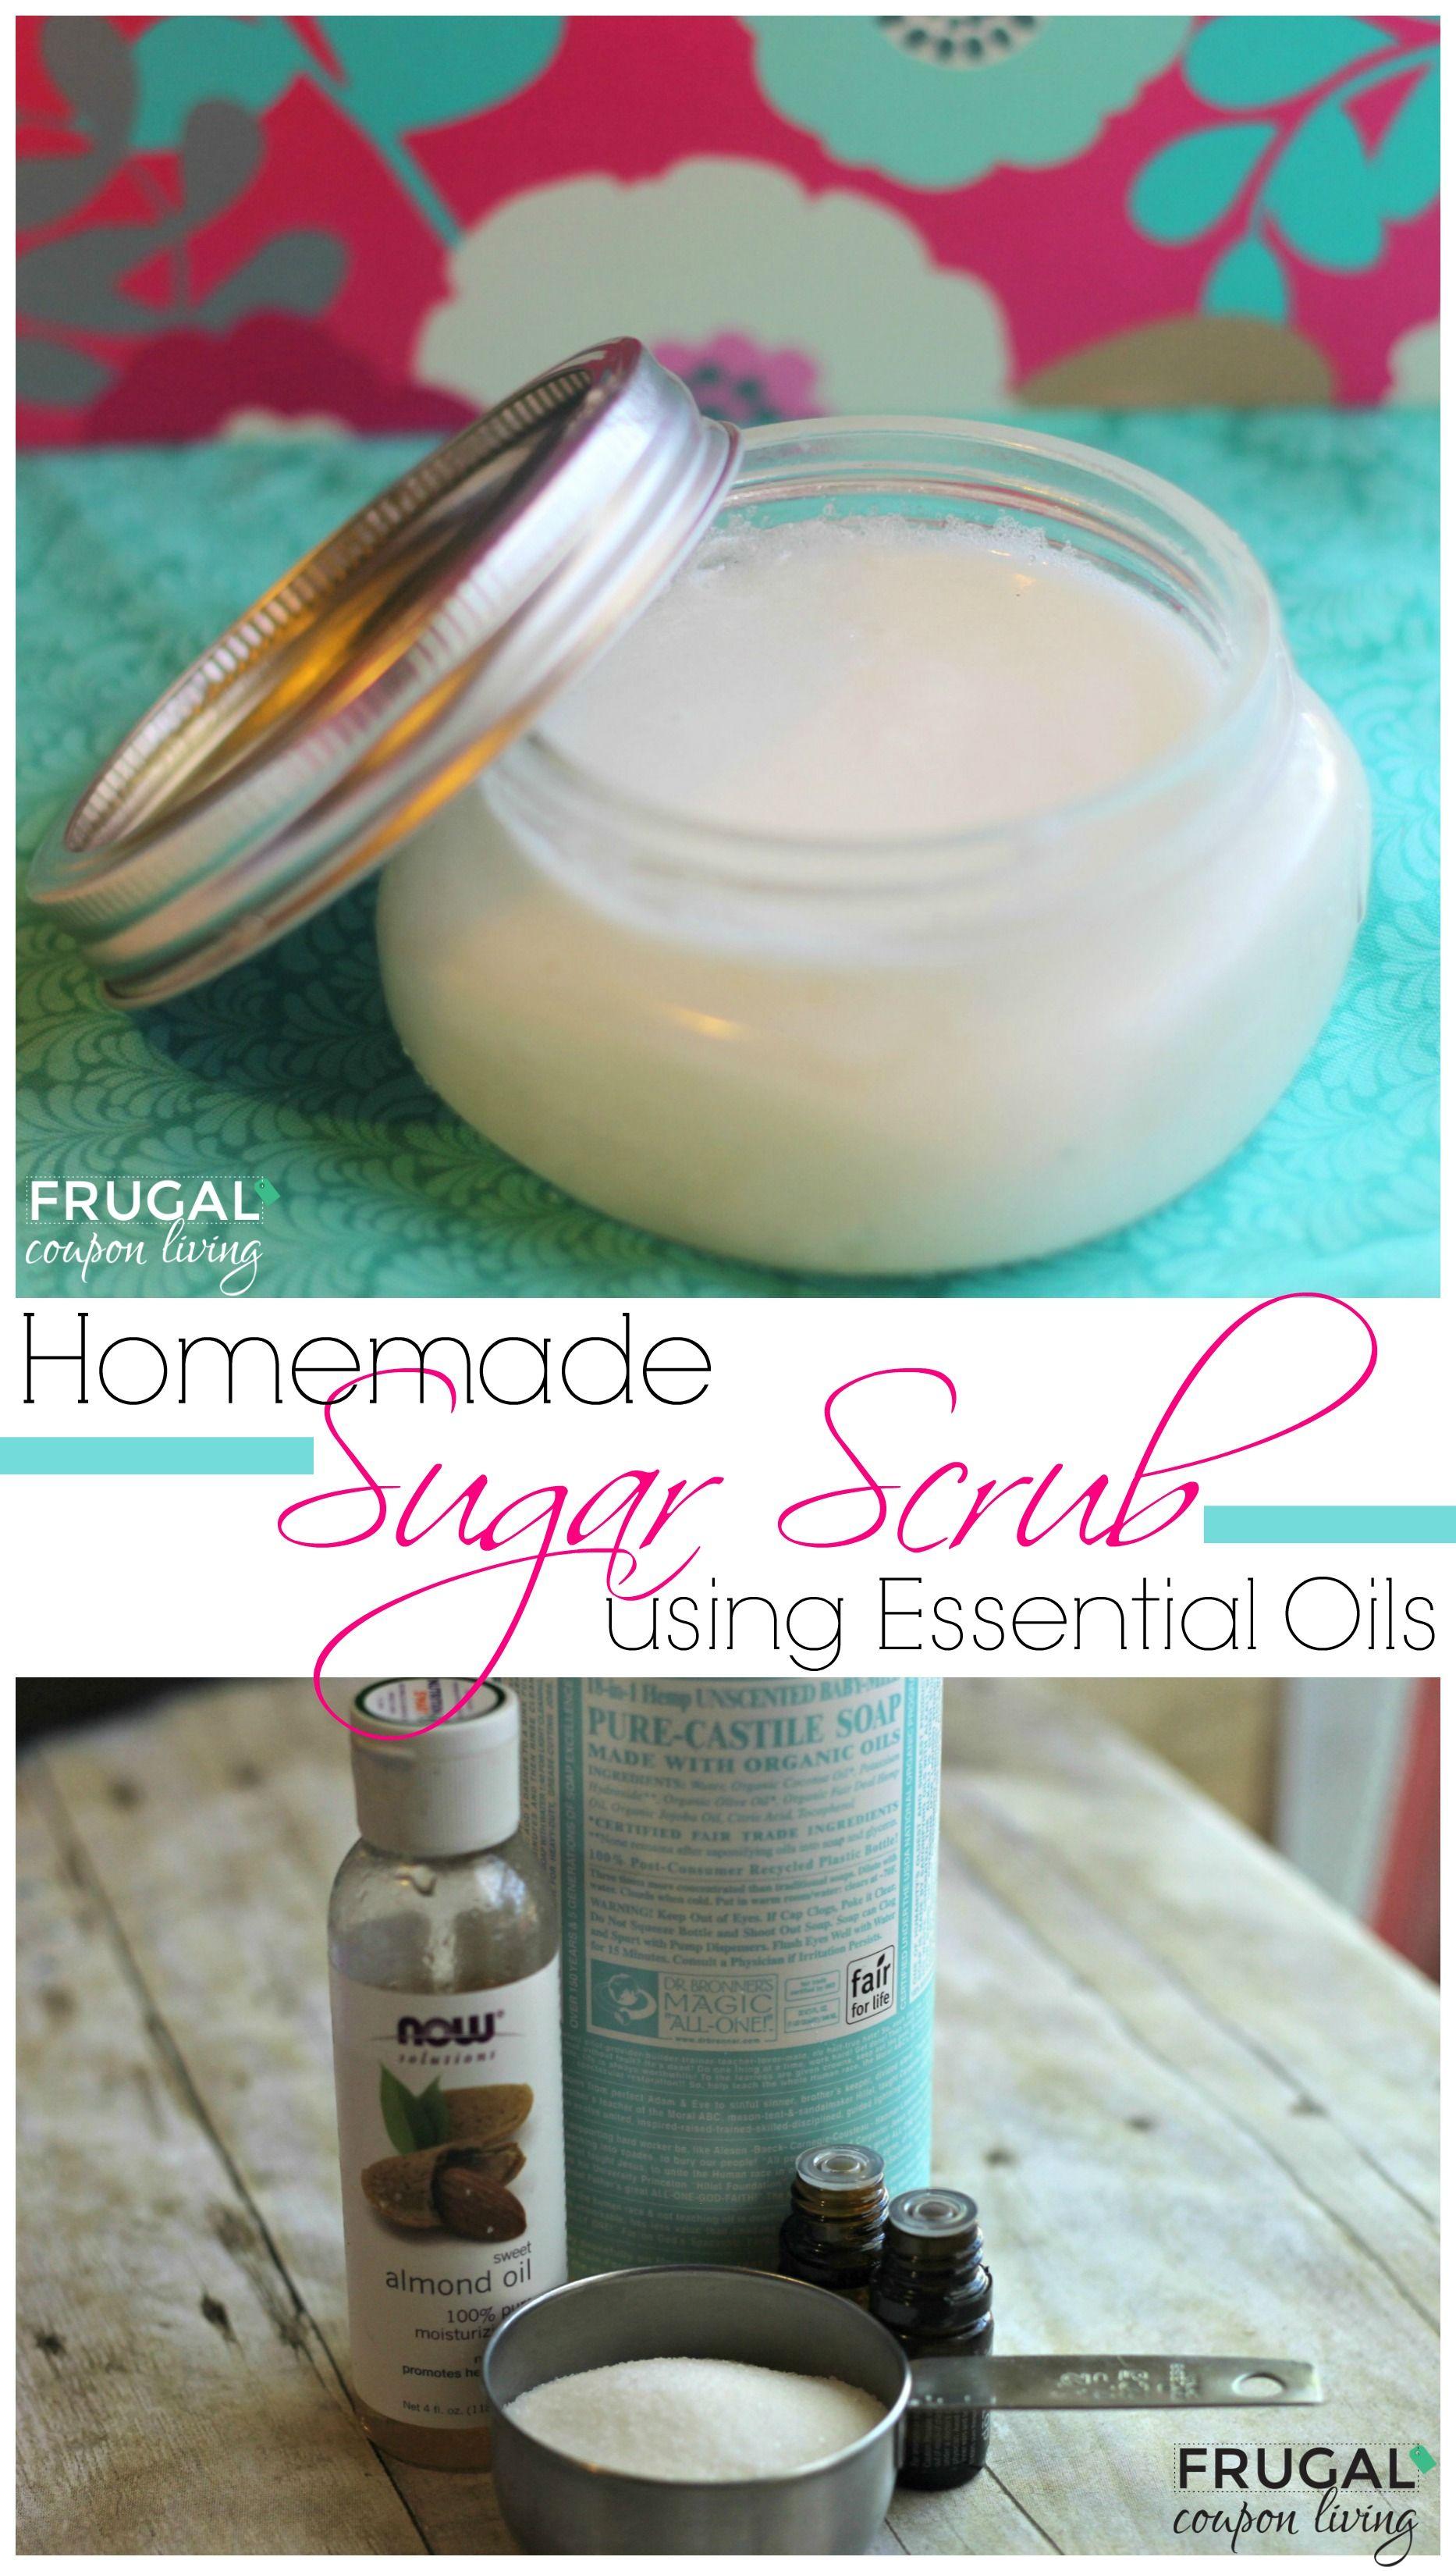 Homemade Sugar Scrub with Essential Oils Sugar scrub